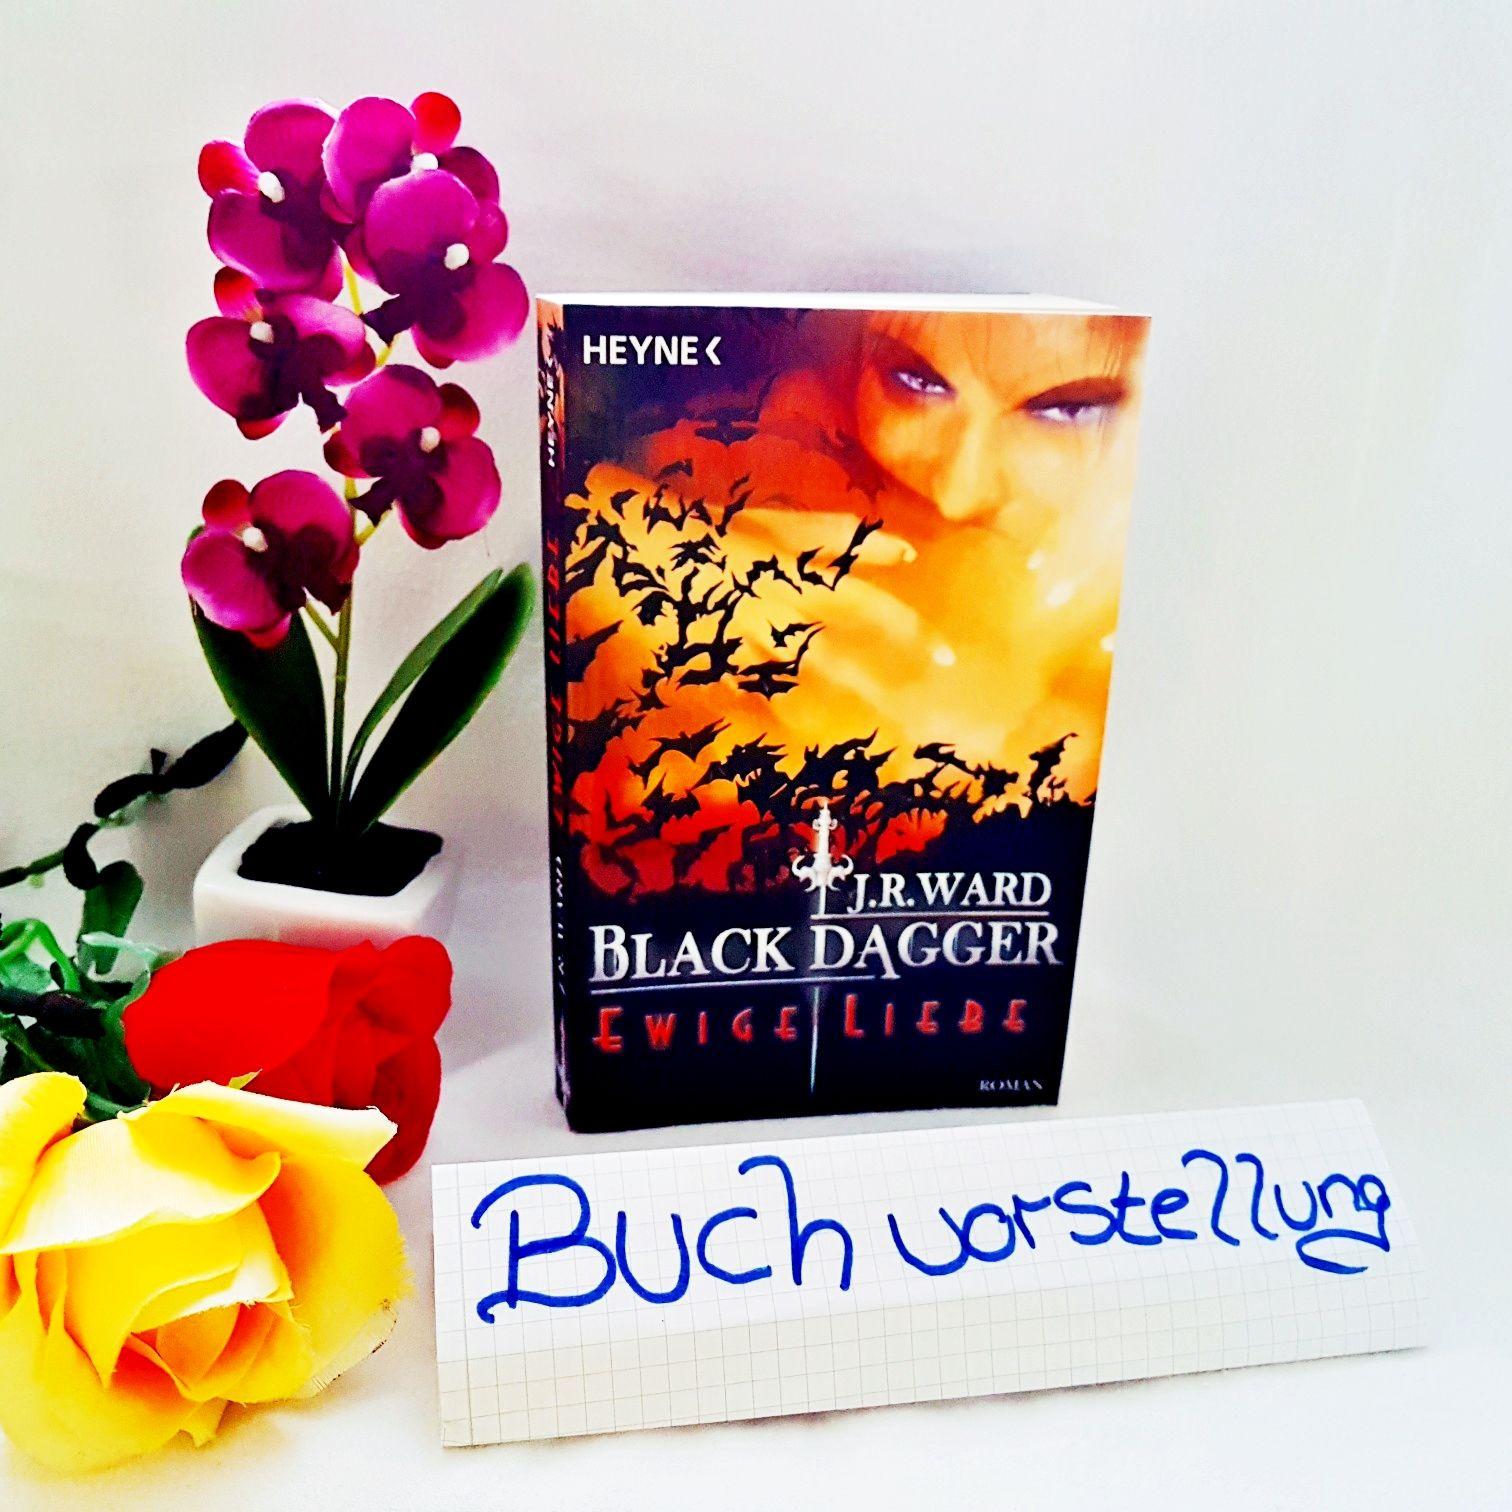 Black Dagger Ewige Liebe von J.R.Ward